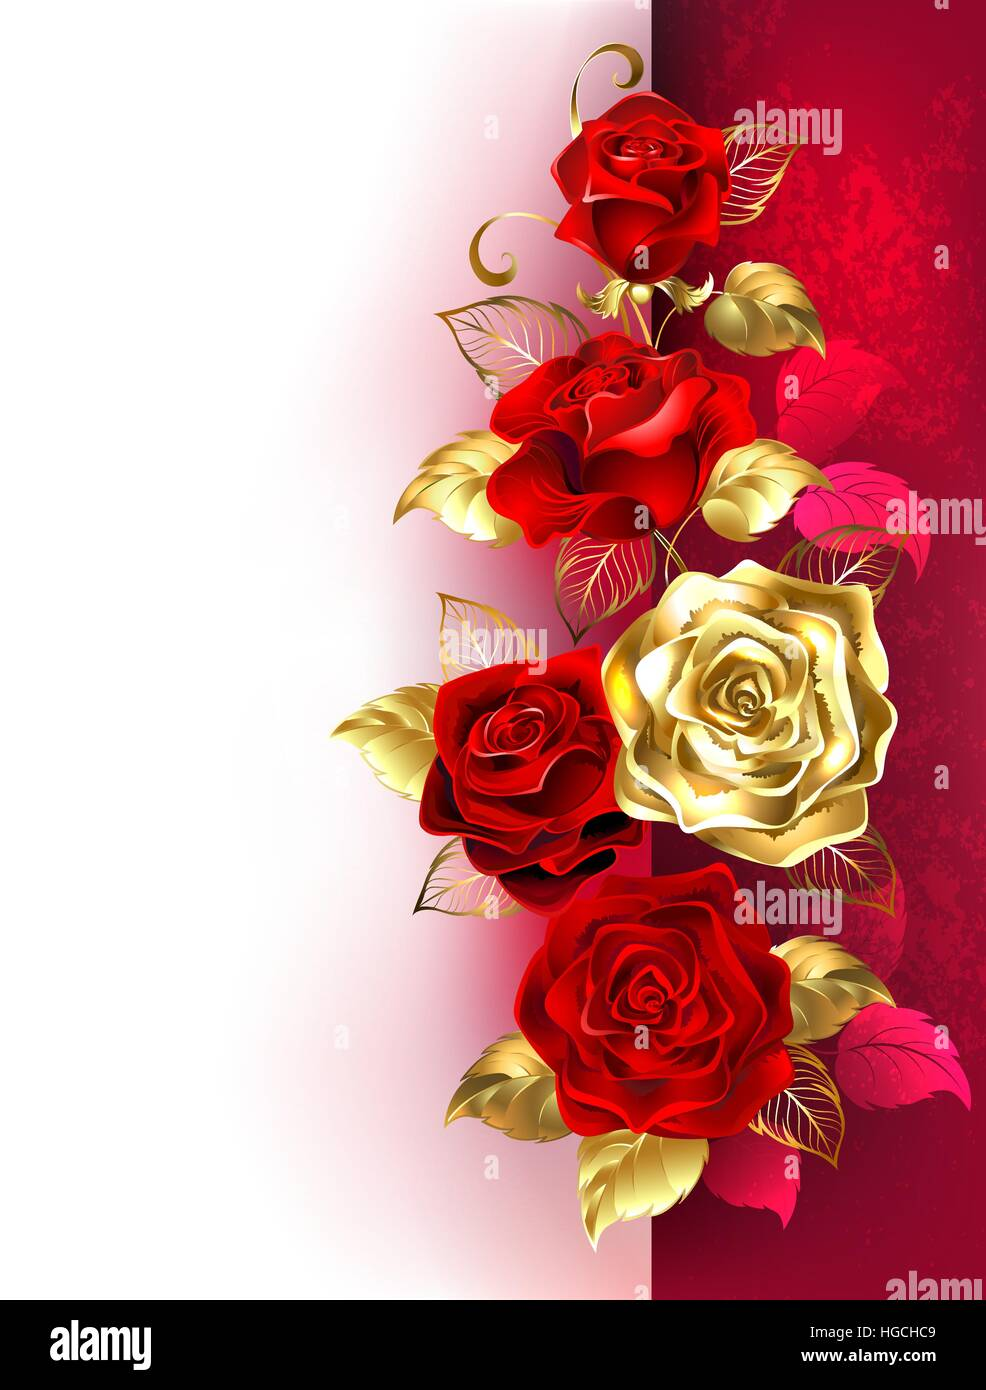 Design con rosso e oro rose su un bianco e lo sfondo rosso. Design con rose. Immagini Stock